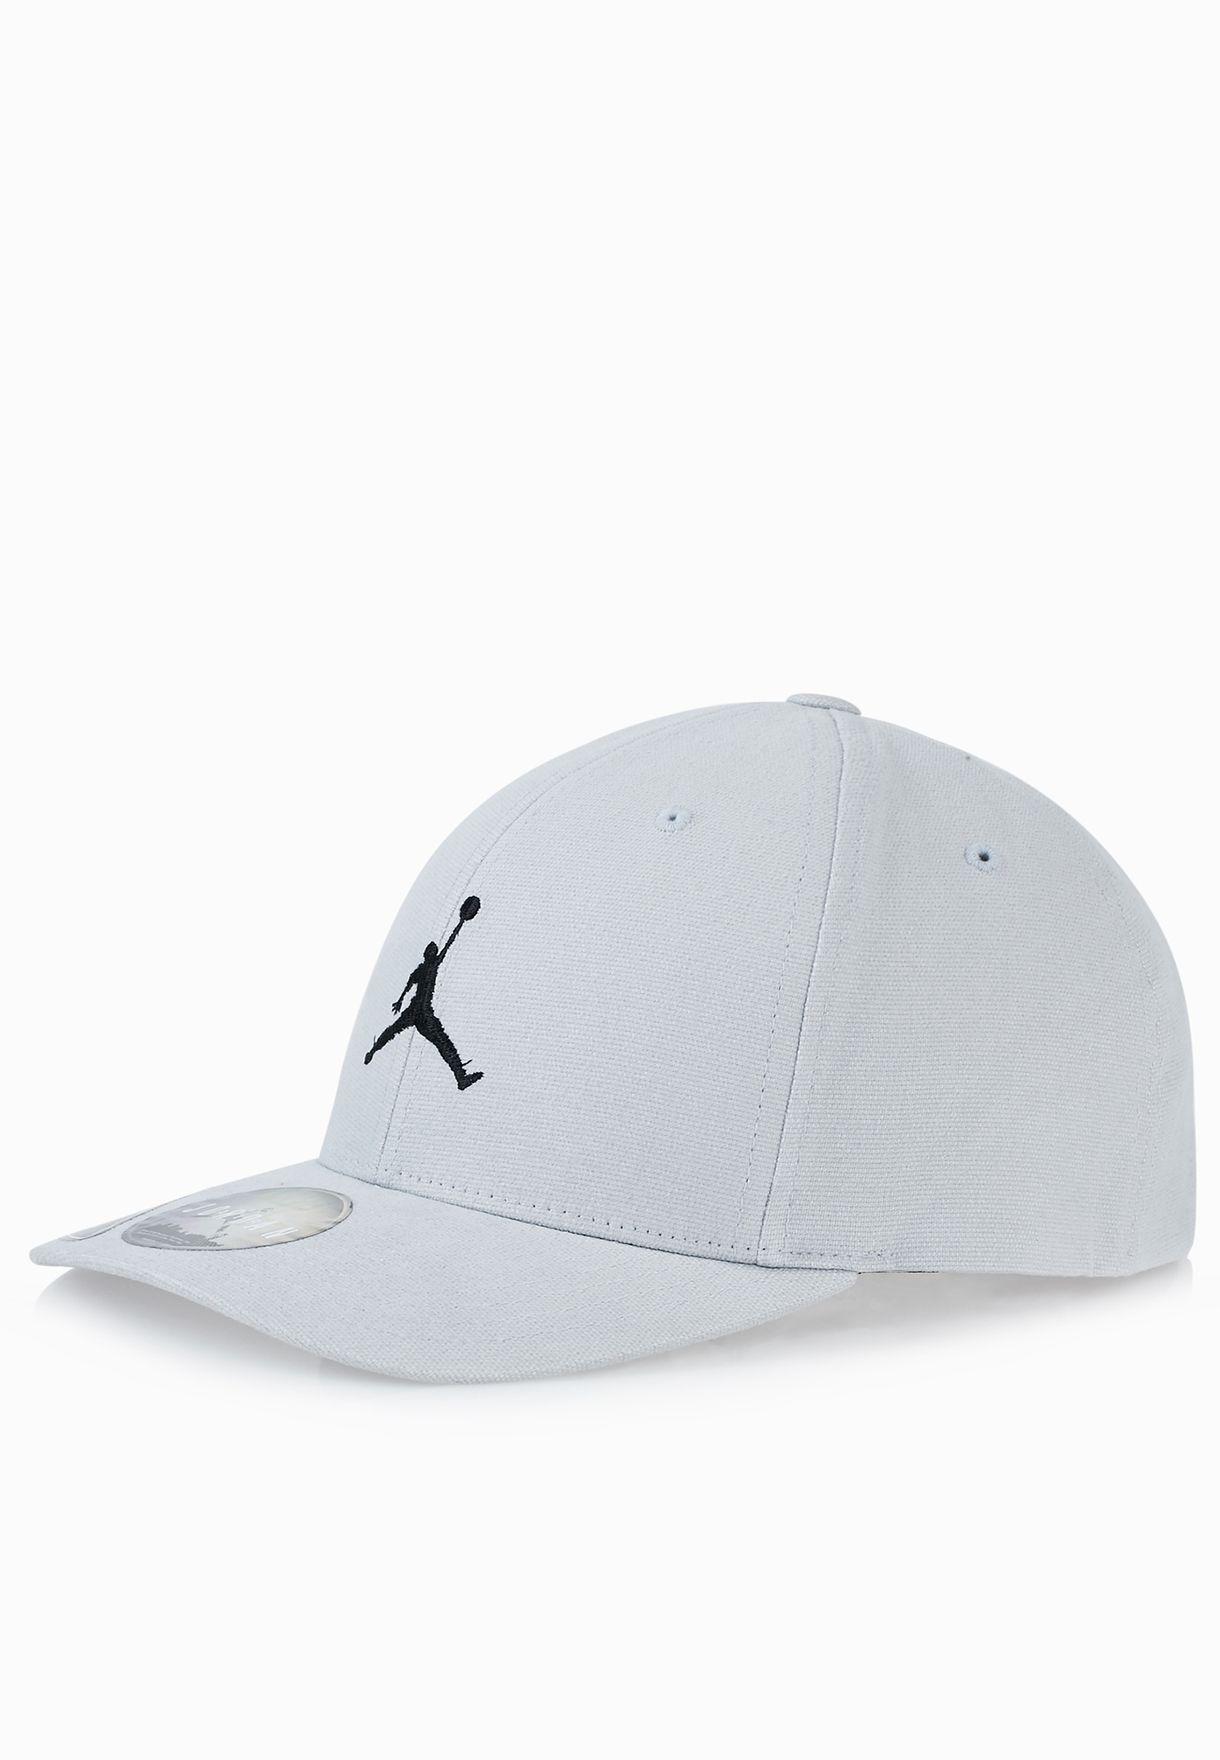 8f879a914de9 cheapest jordan flex fit hat black 8c64e 1d00f